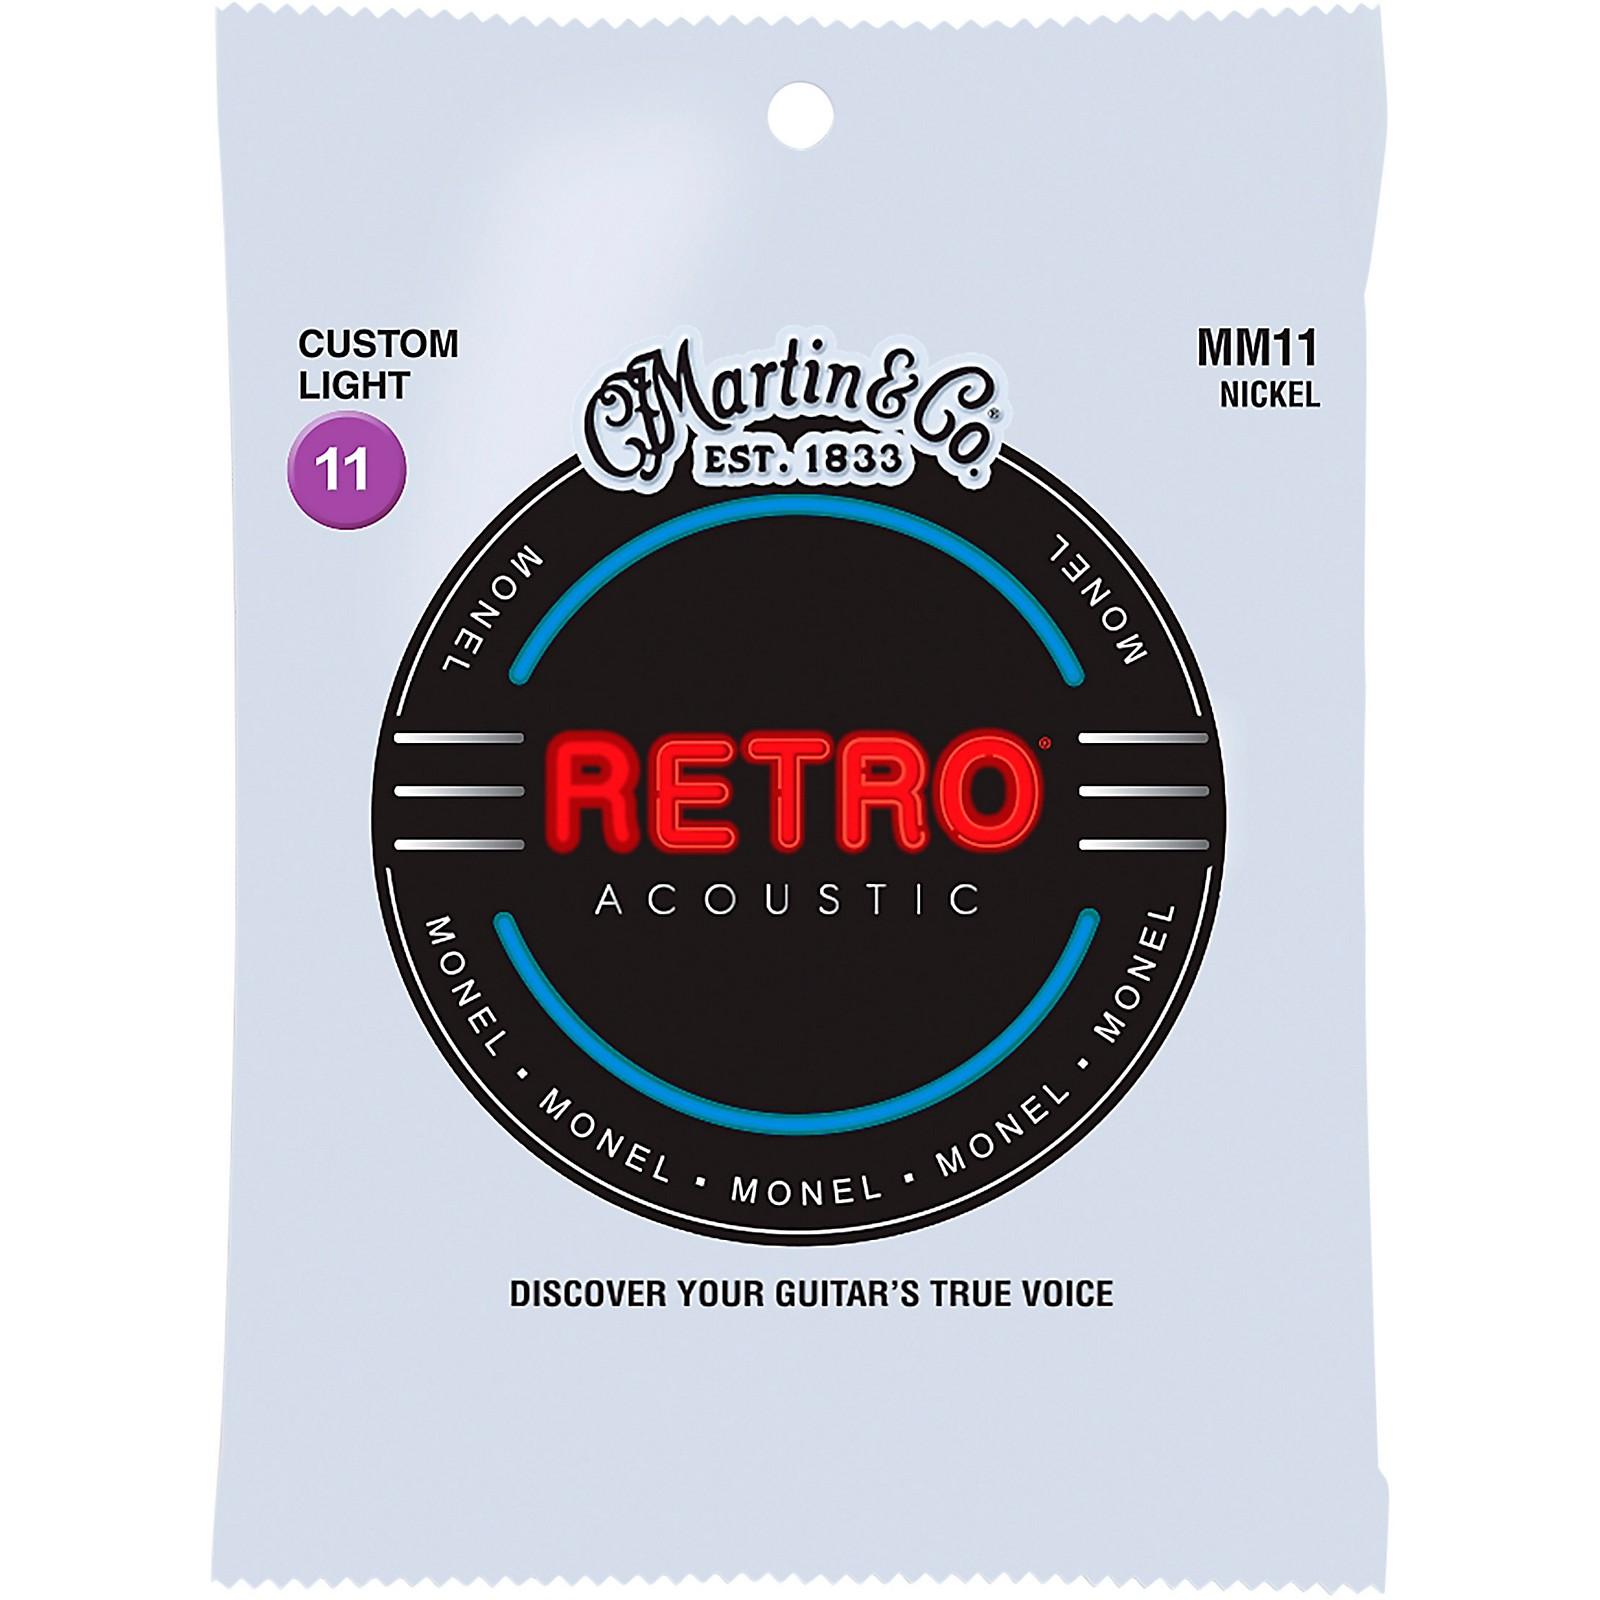 Martin MM11 Retro Custom Light Acoustic Guitar Strings